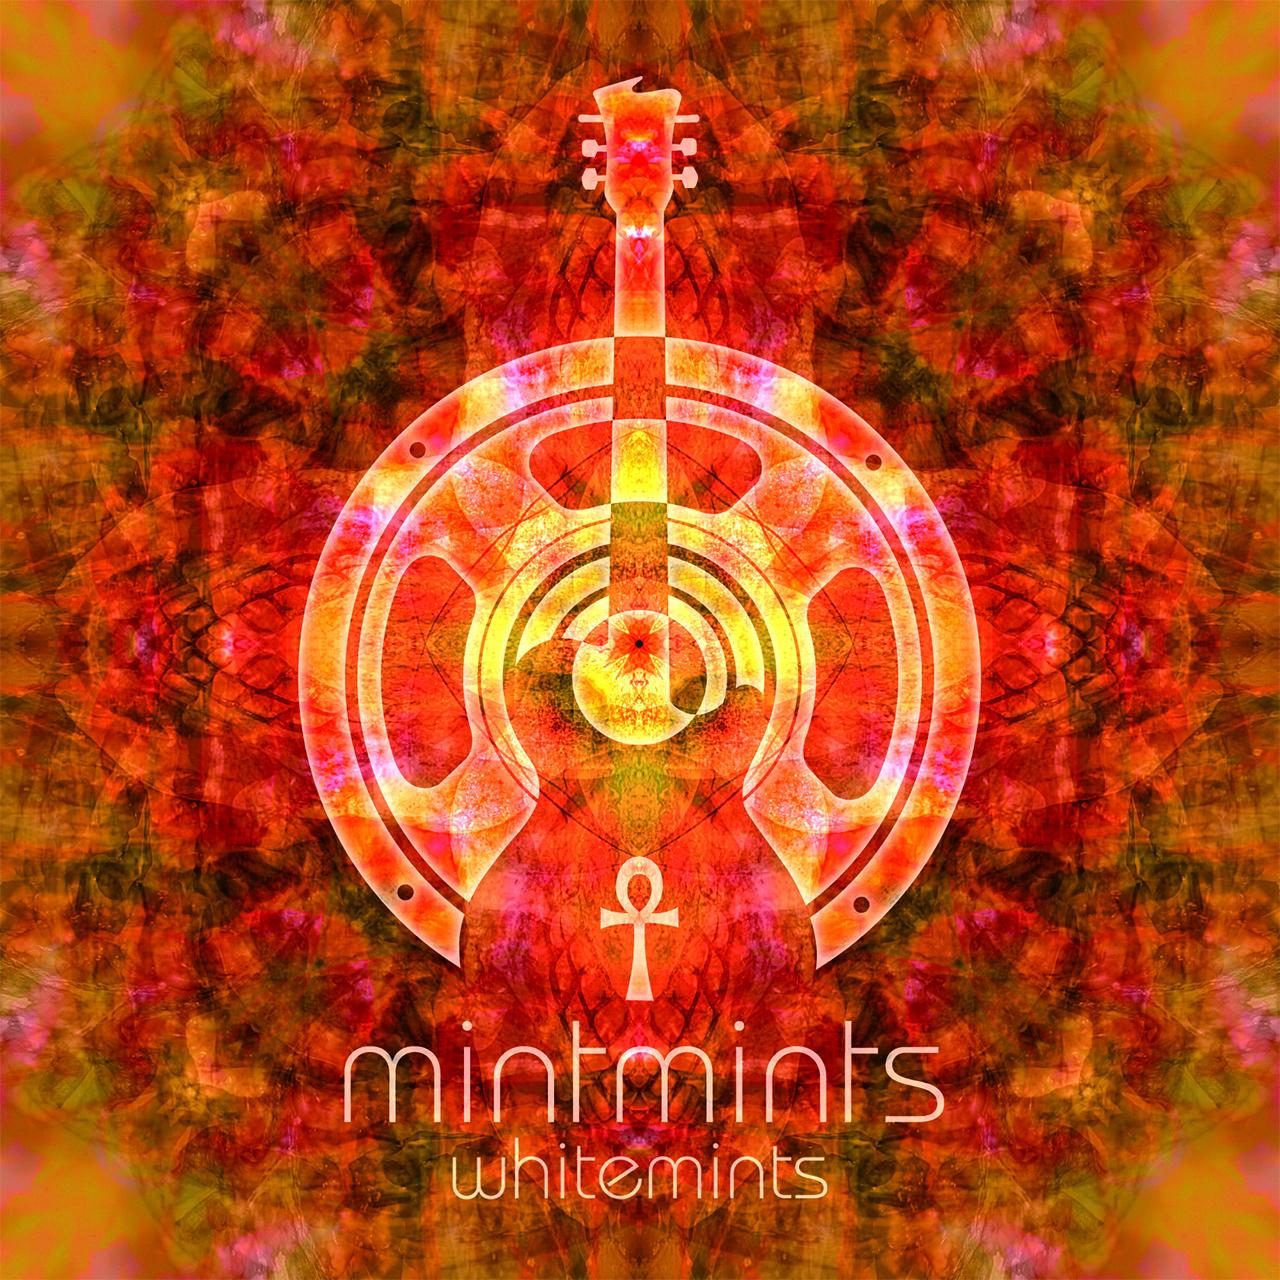 完売御礼!! CD:『whitemints』mintmints(ミントミンツ) - 画像1